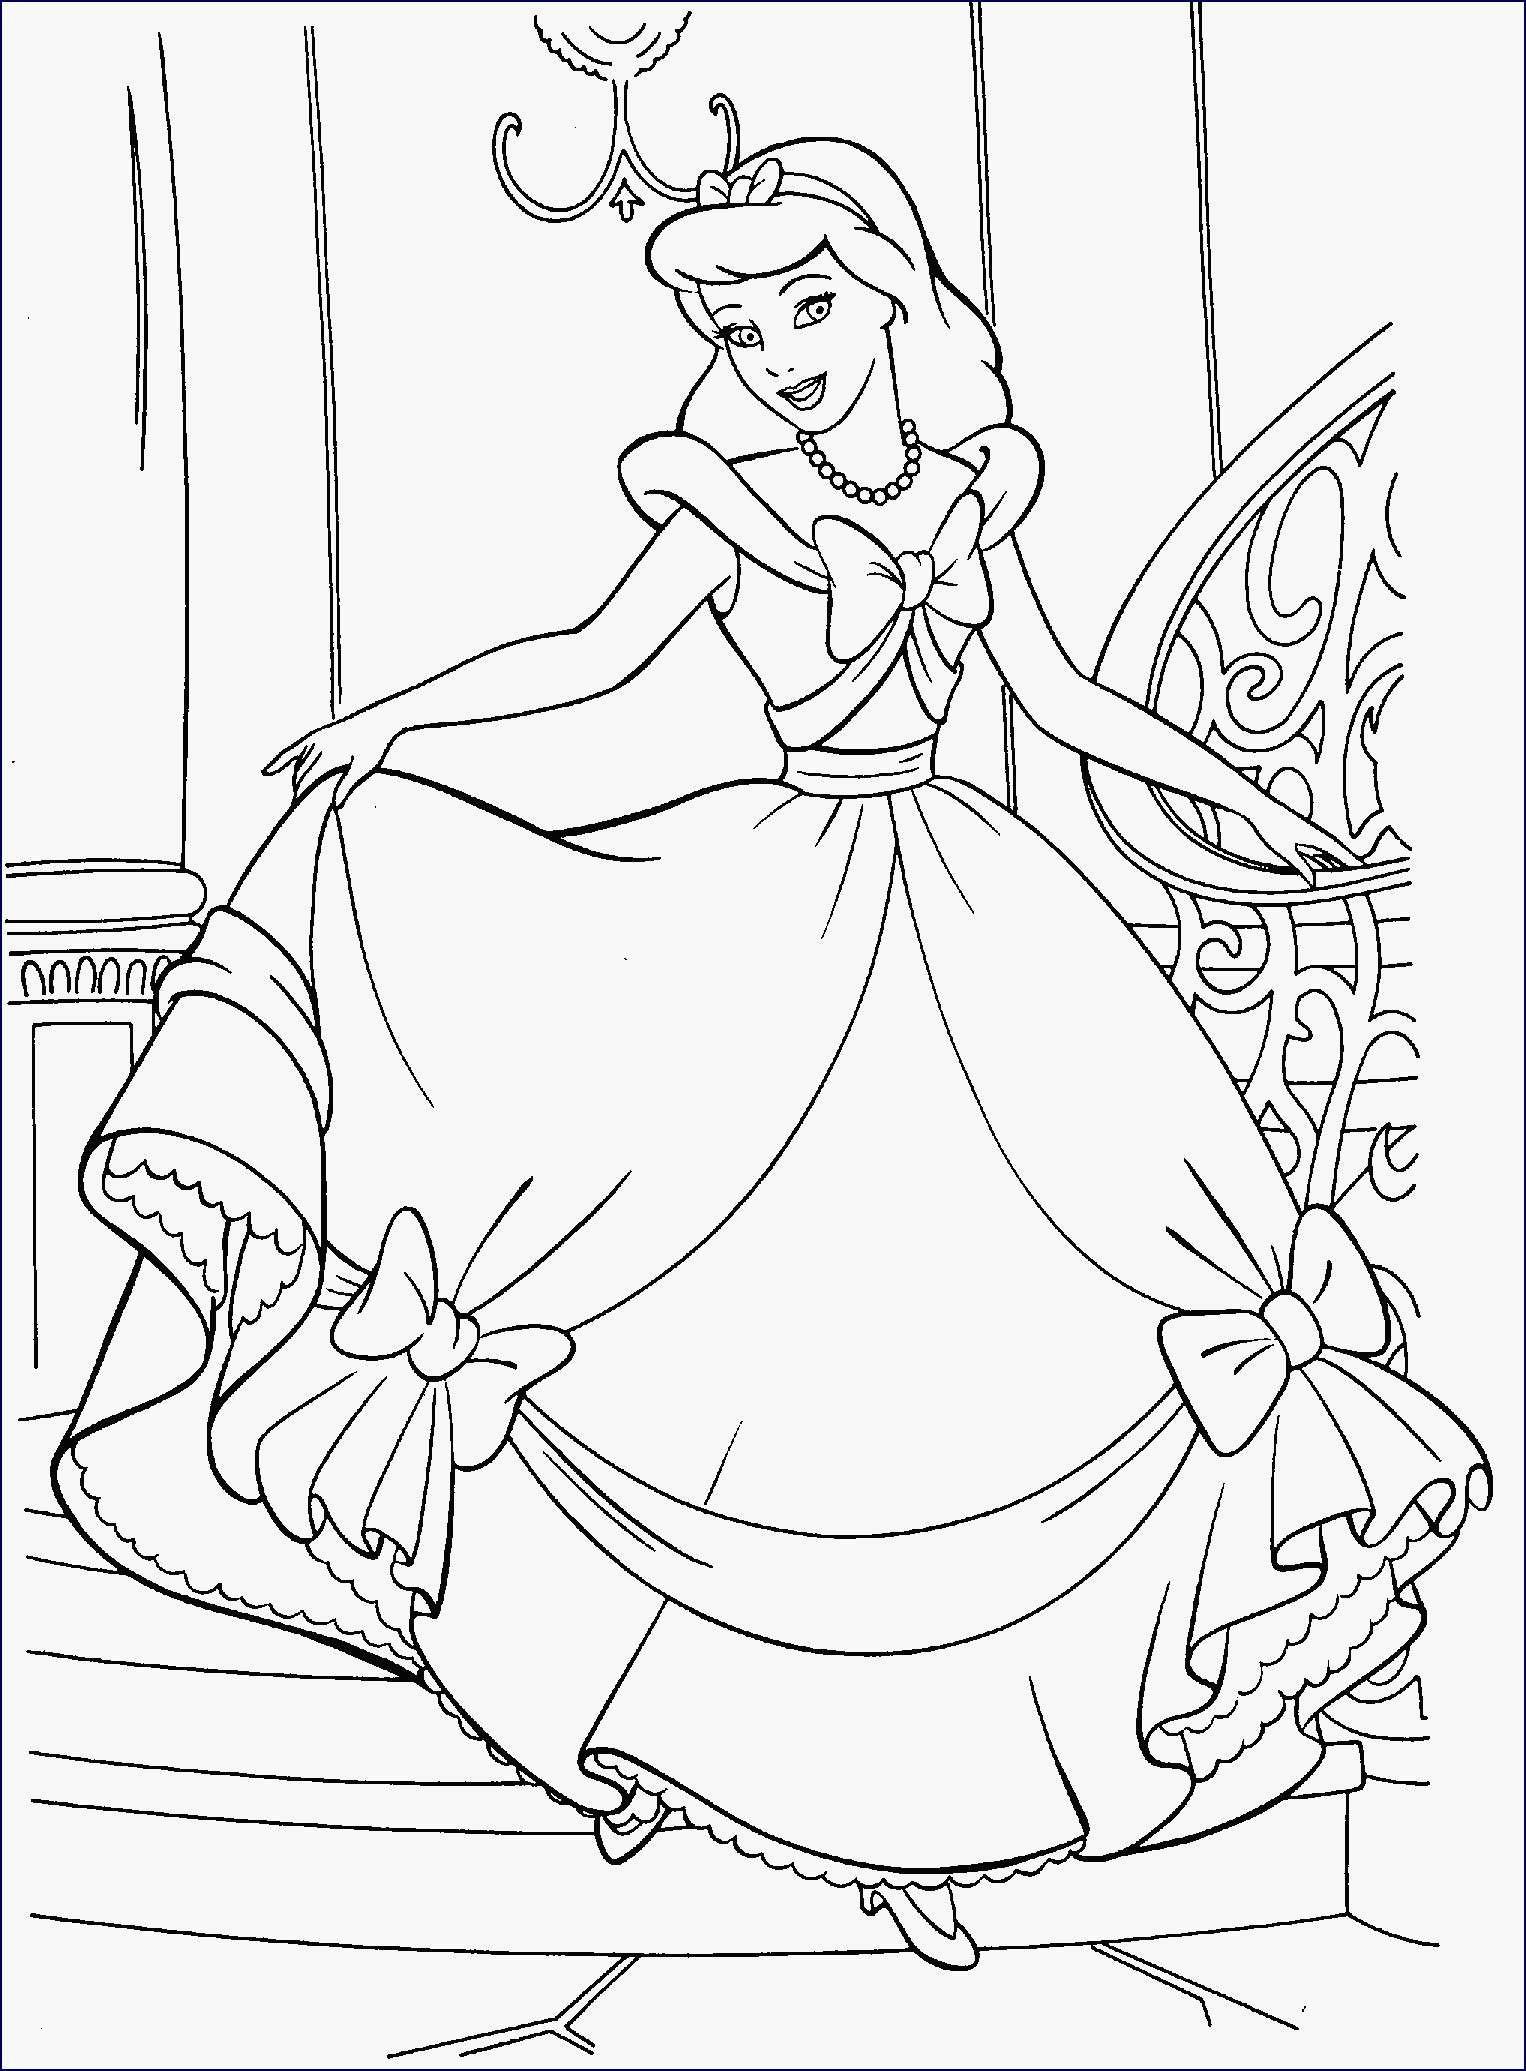 Ausmalbilder Disney Prinzessin Inspirierend Disney Ausmalbilder Genial 25 Liebenswert Ausmalbilder Prinzessin Stock